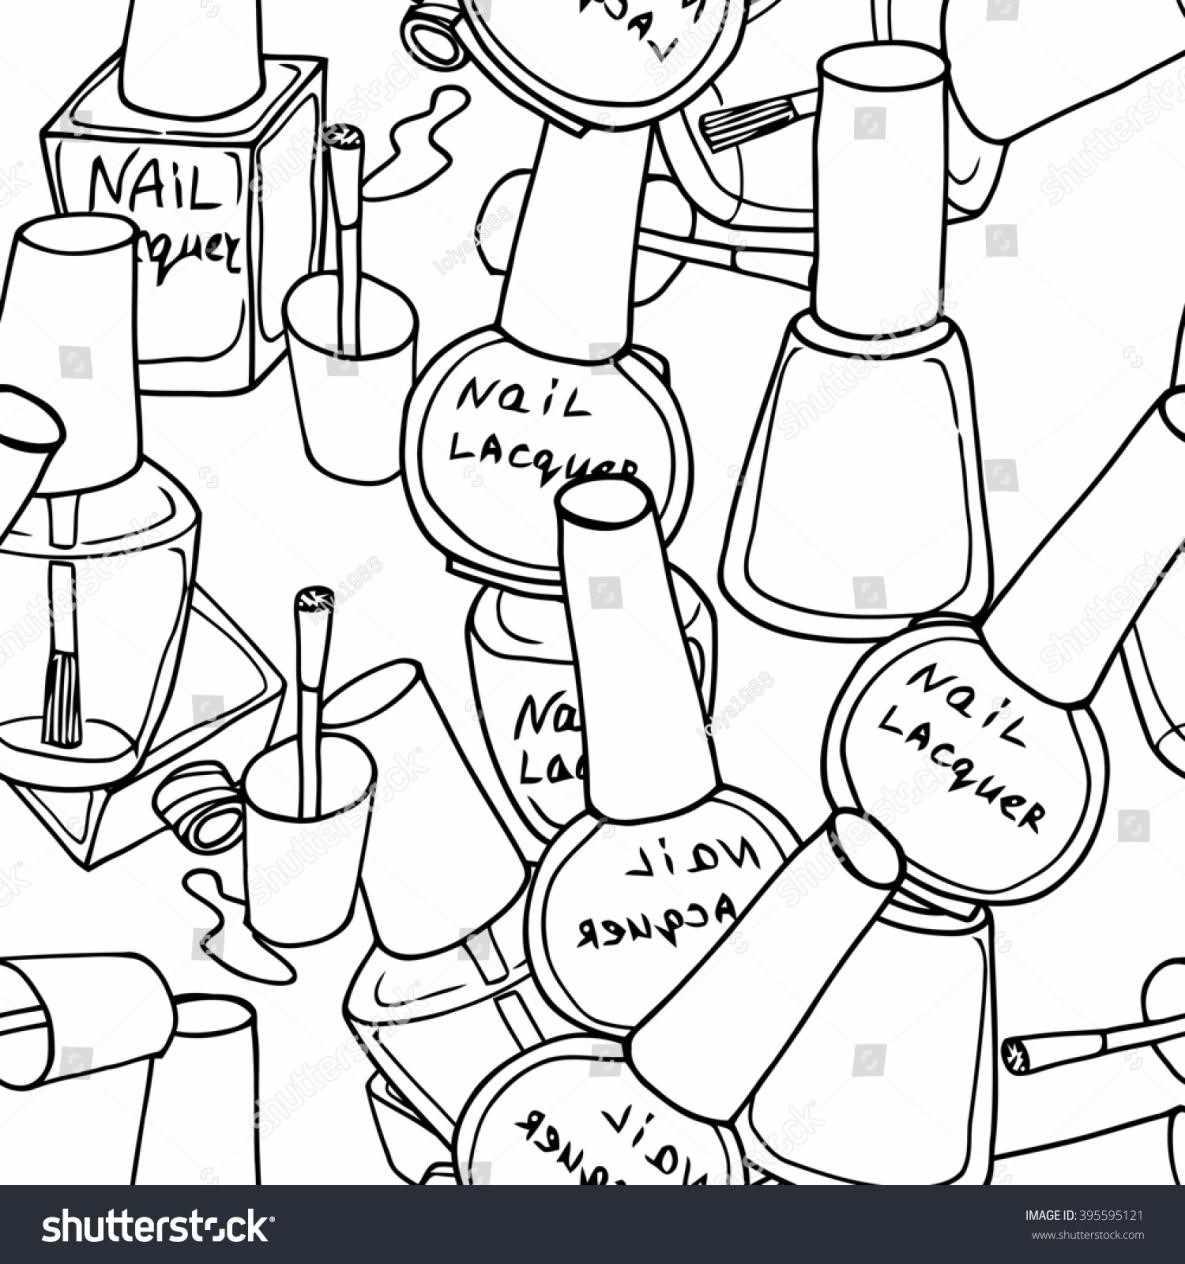 1185x1264 Icon Thin Line Stock Nail Nail Polish Bottle Black And White